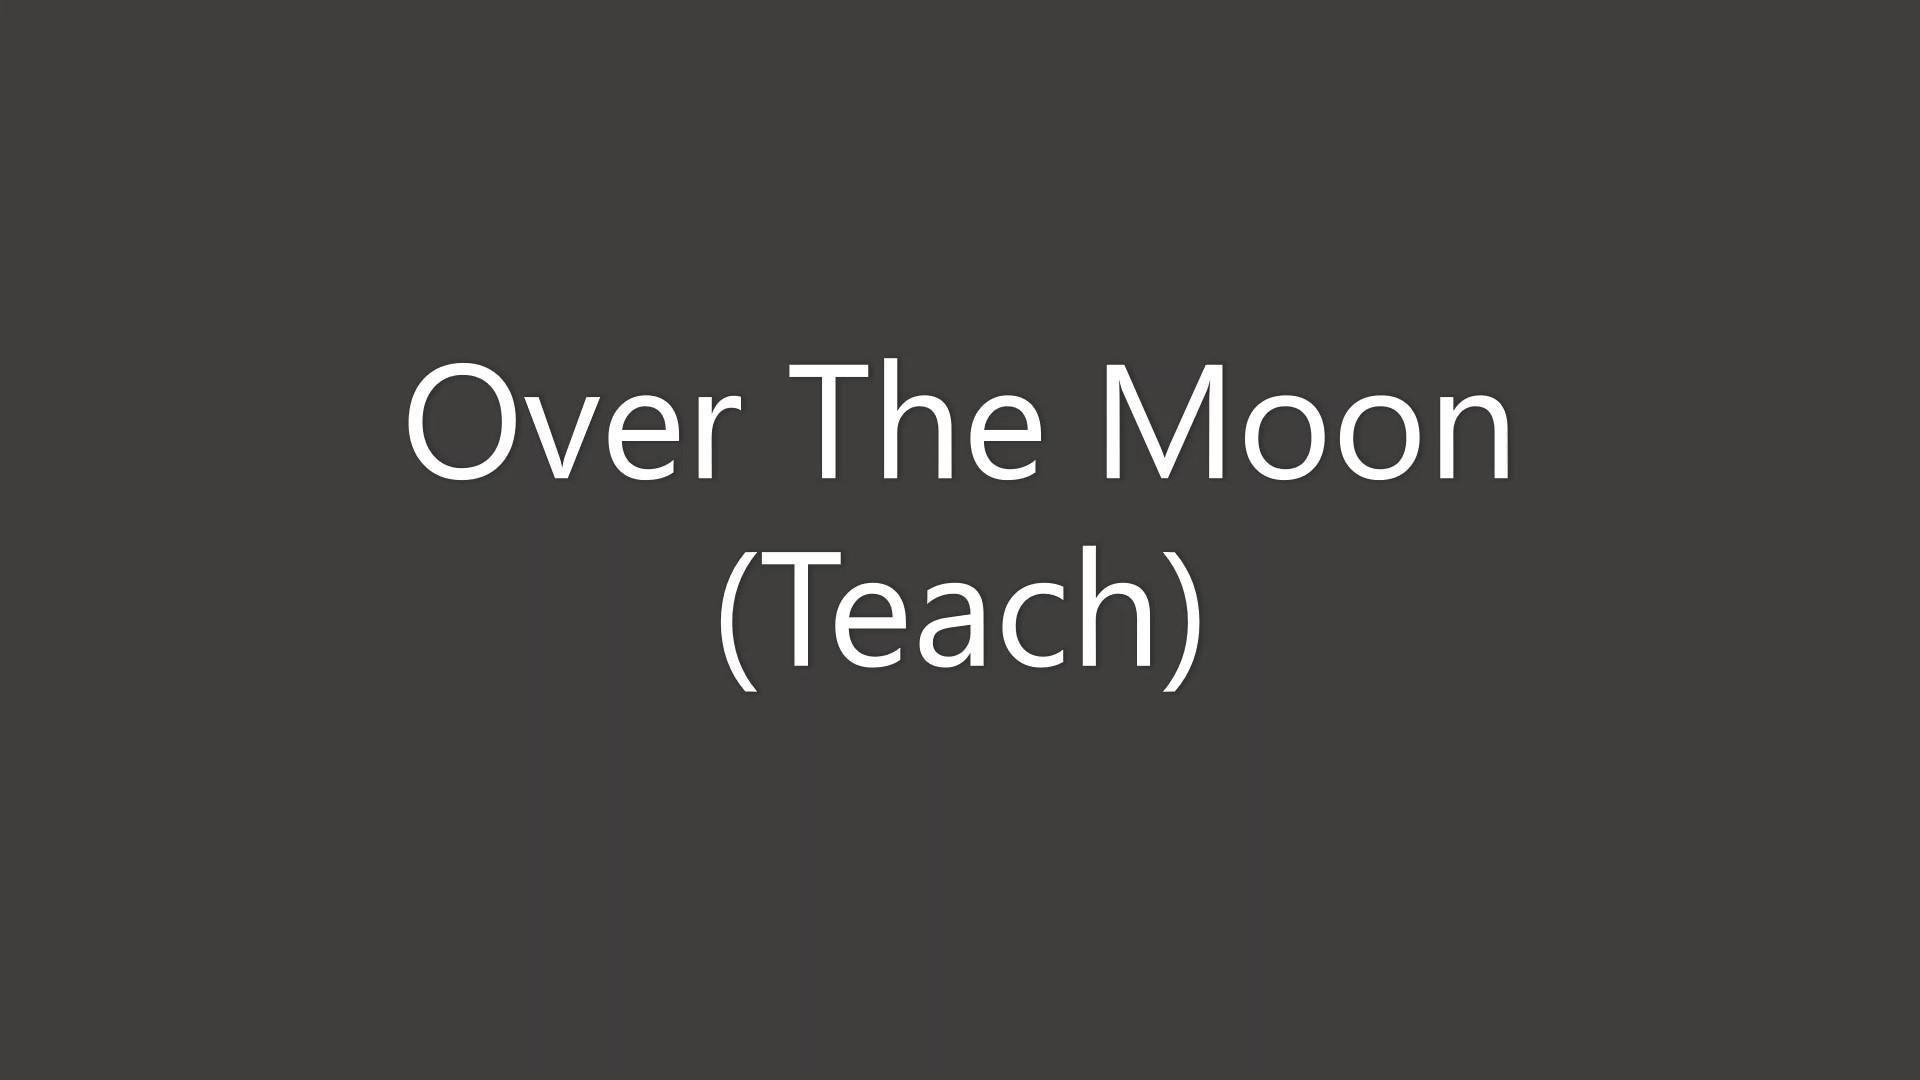 Over The Moon Teach